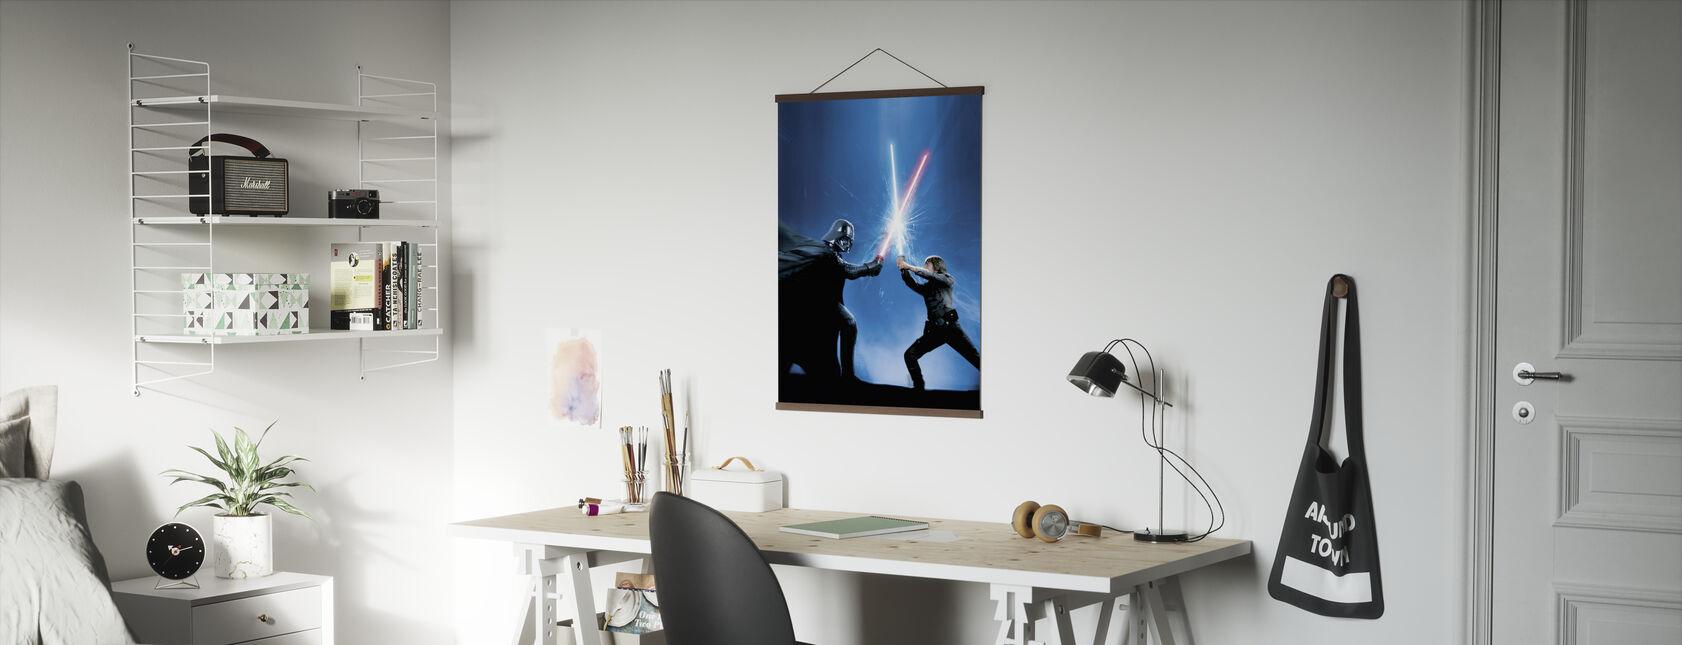 Stjärnornas krig - Darth Vader och Luke Skywalker - Poster - Kontor